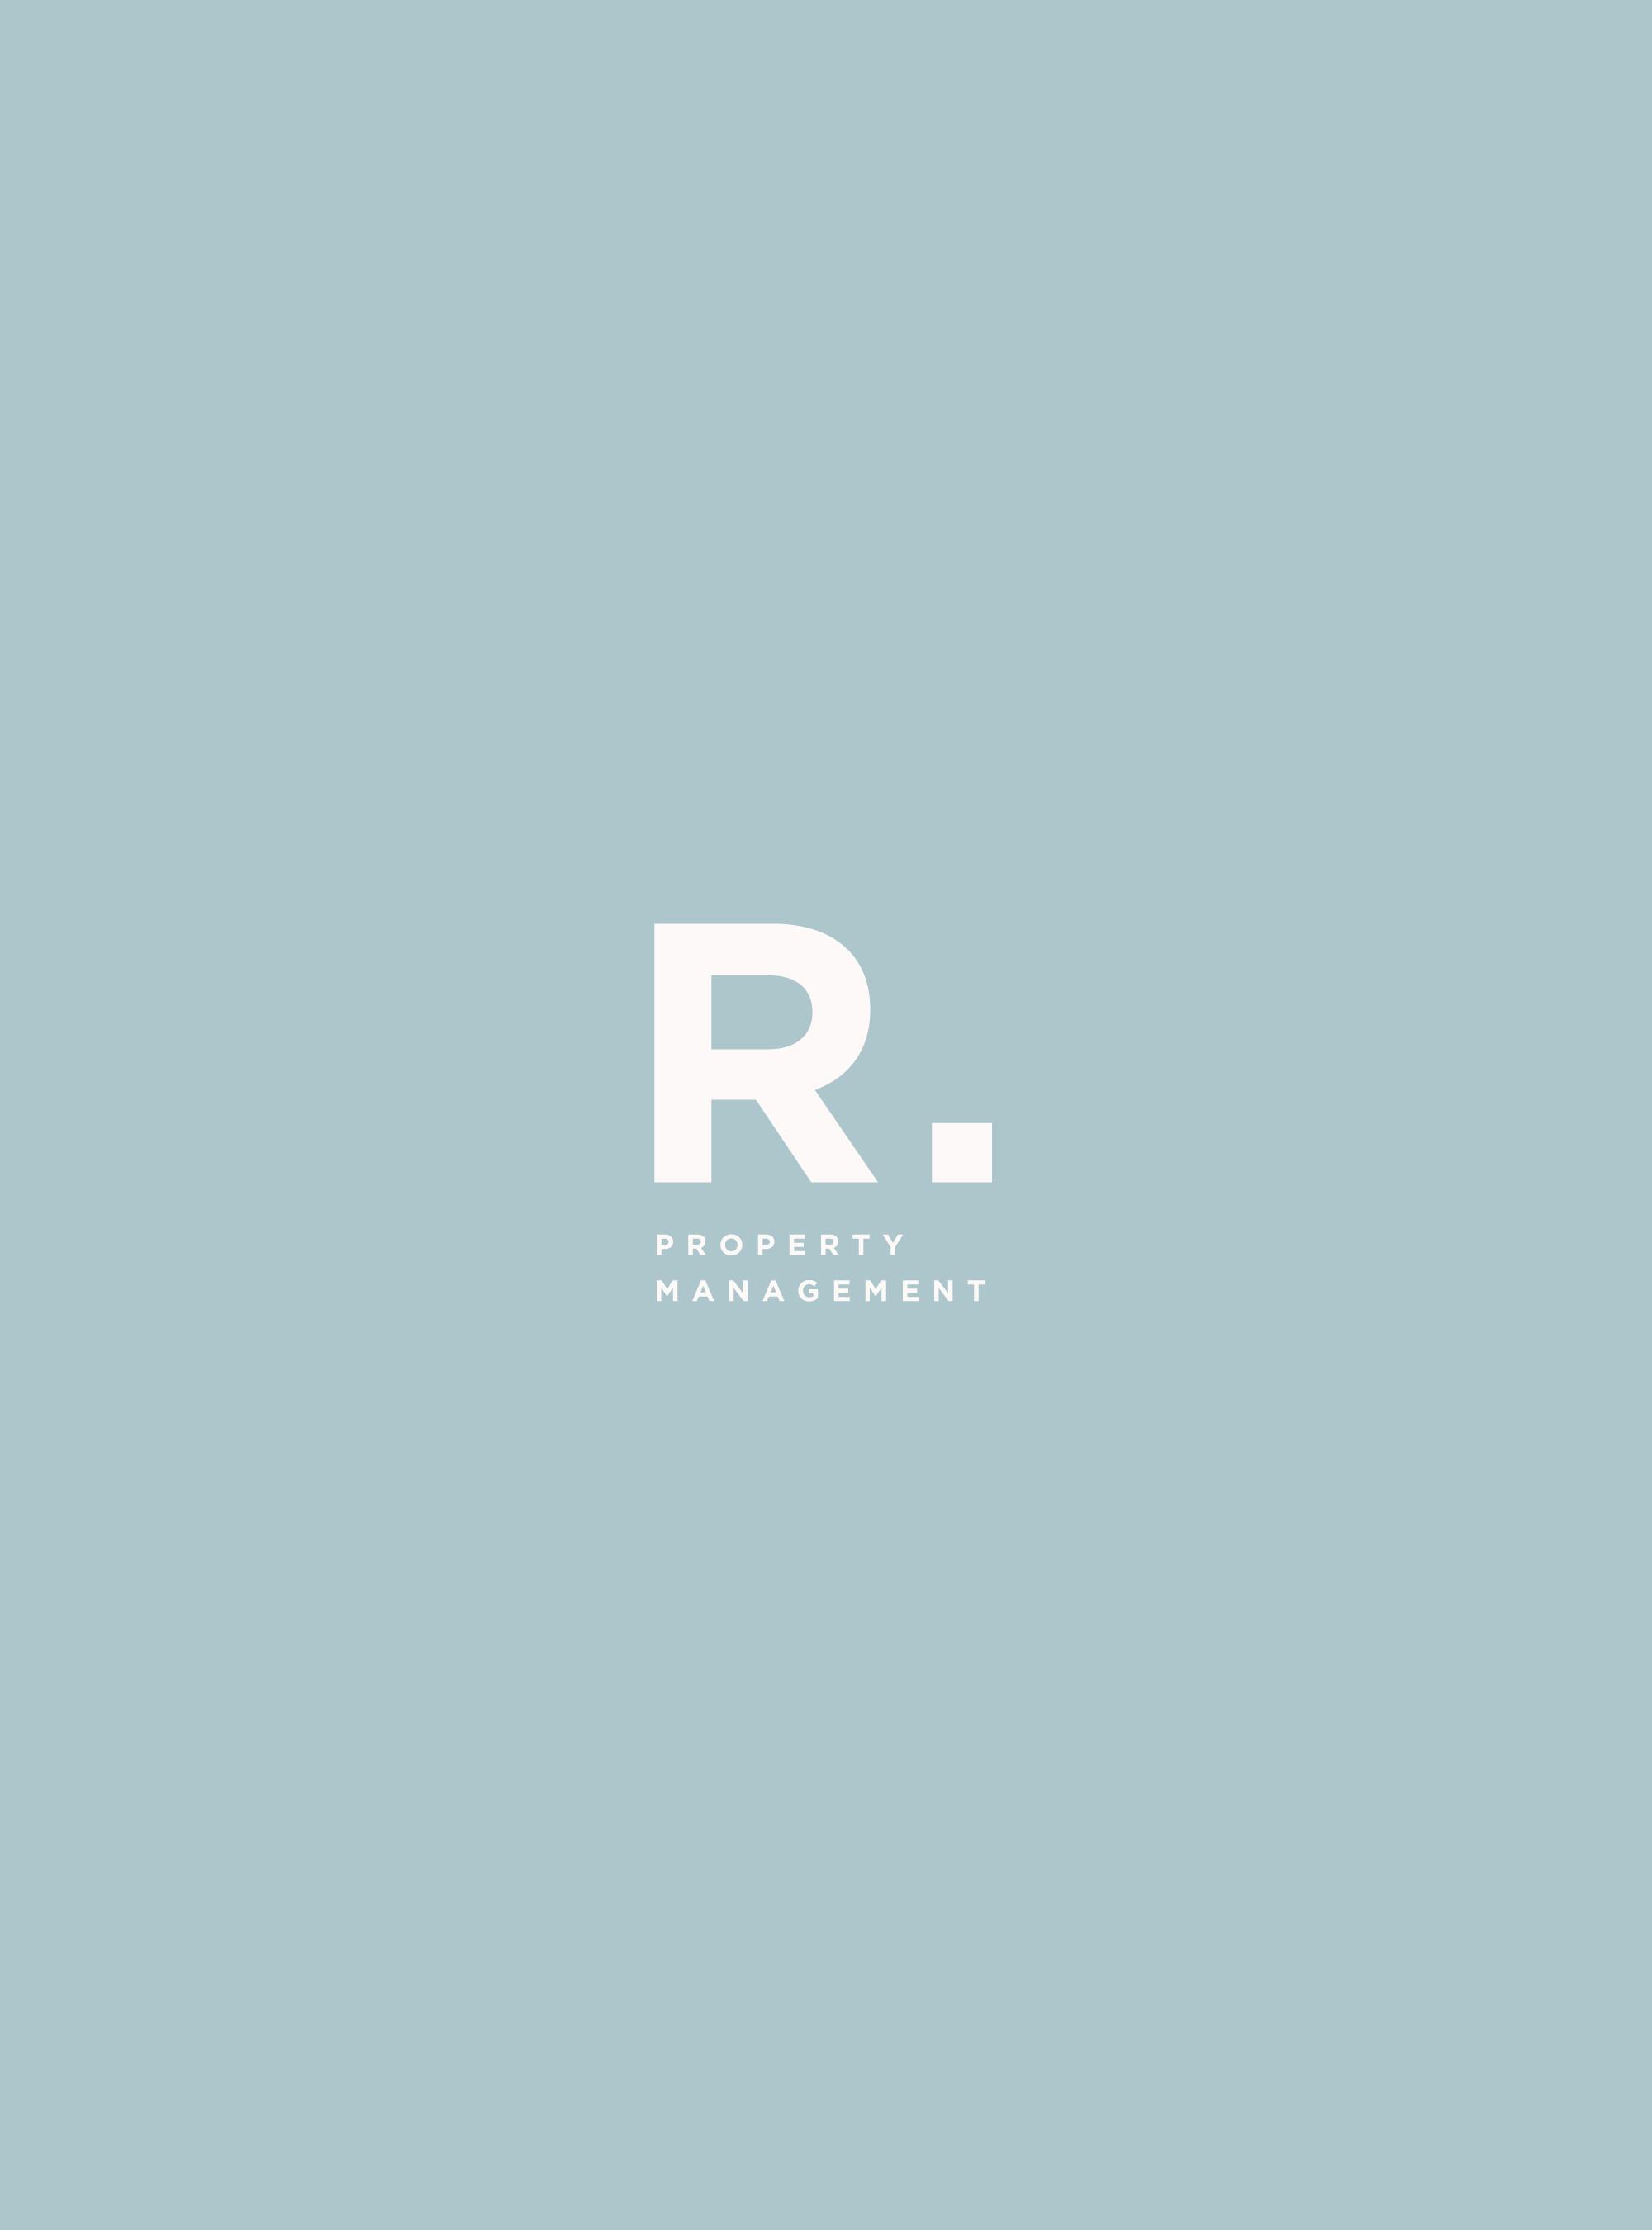 ranger5-mintlane.jpg